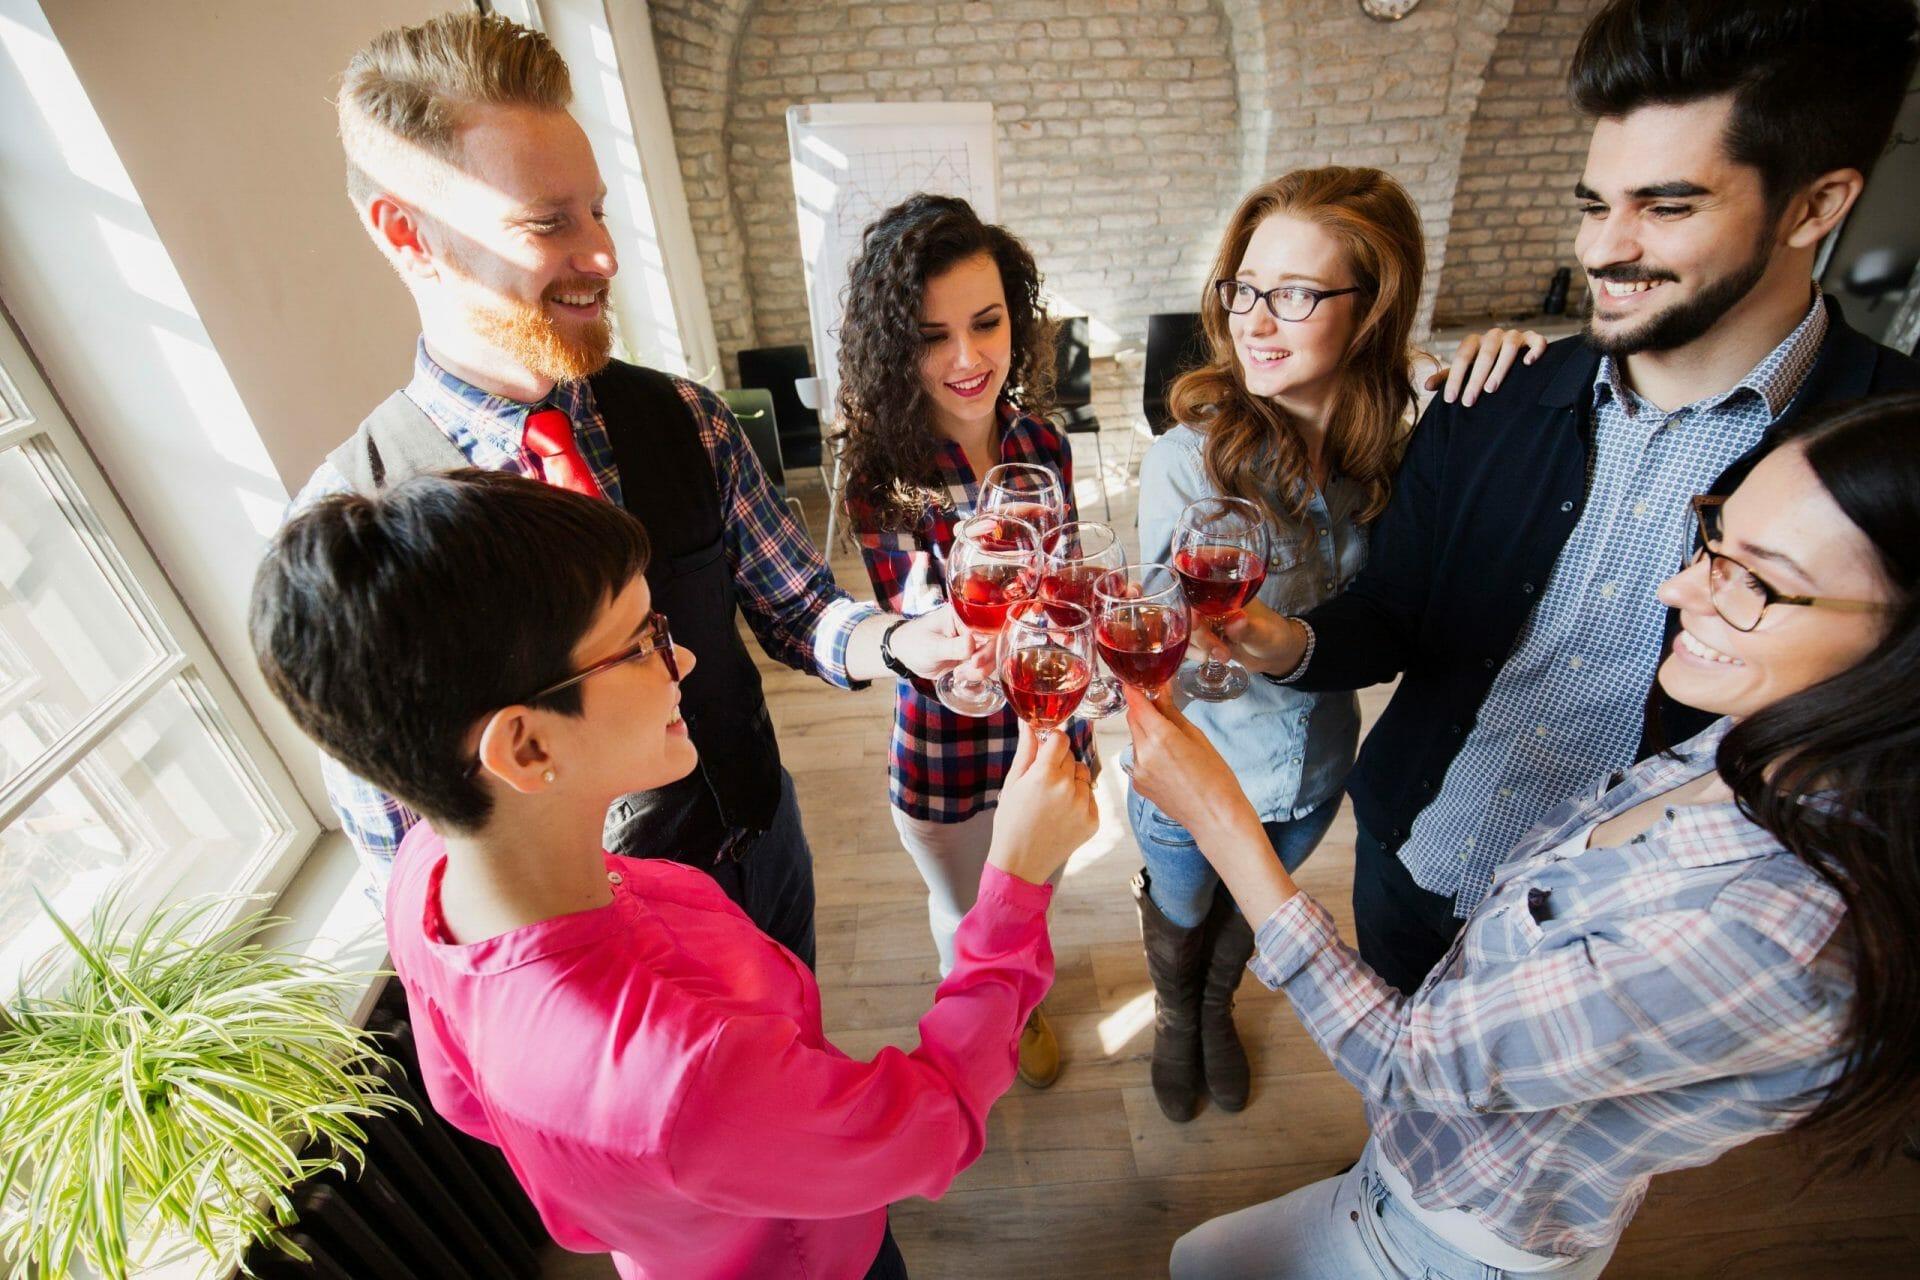 group celebrating